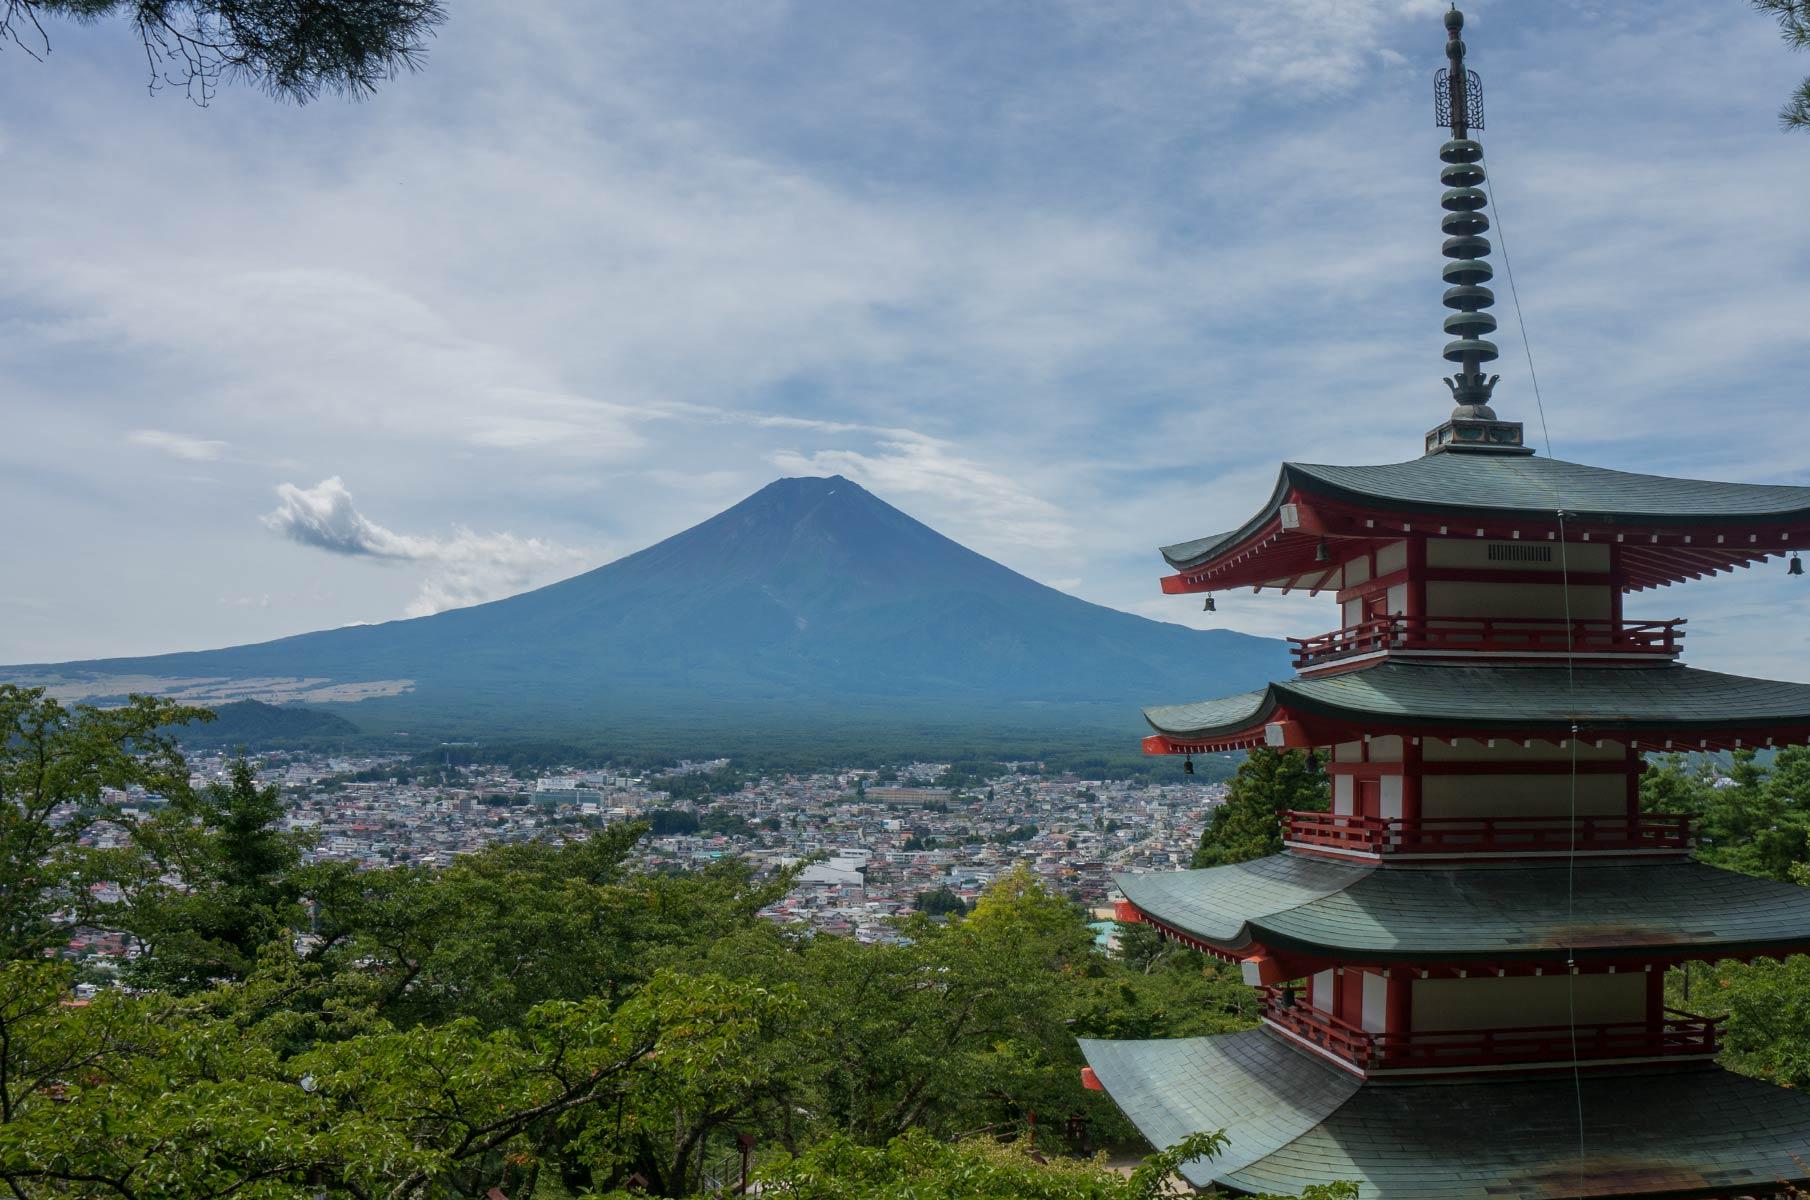 Chureito Pagode mit Mt. Fuji im Hintergrund auf der Insel Honshū in Japan